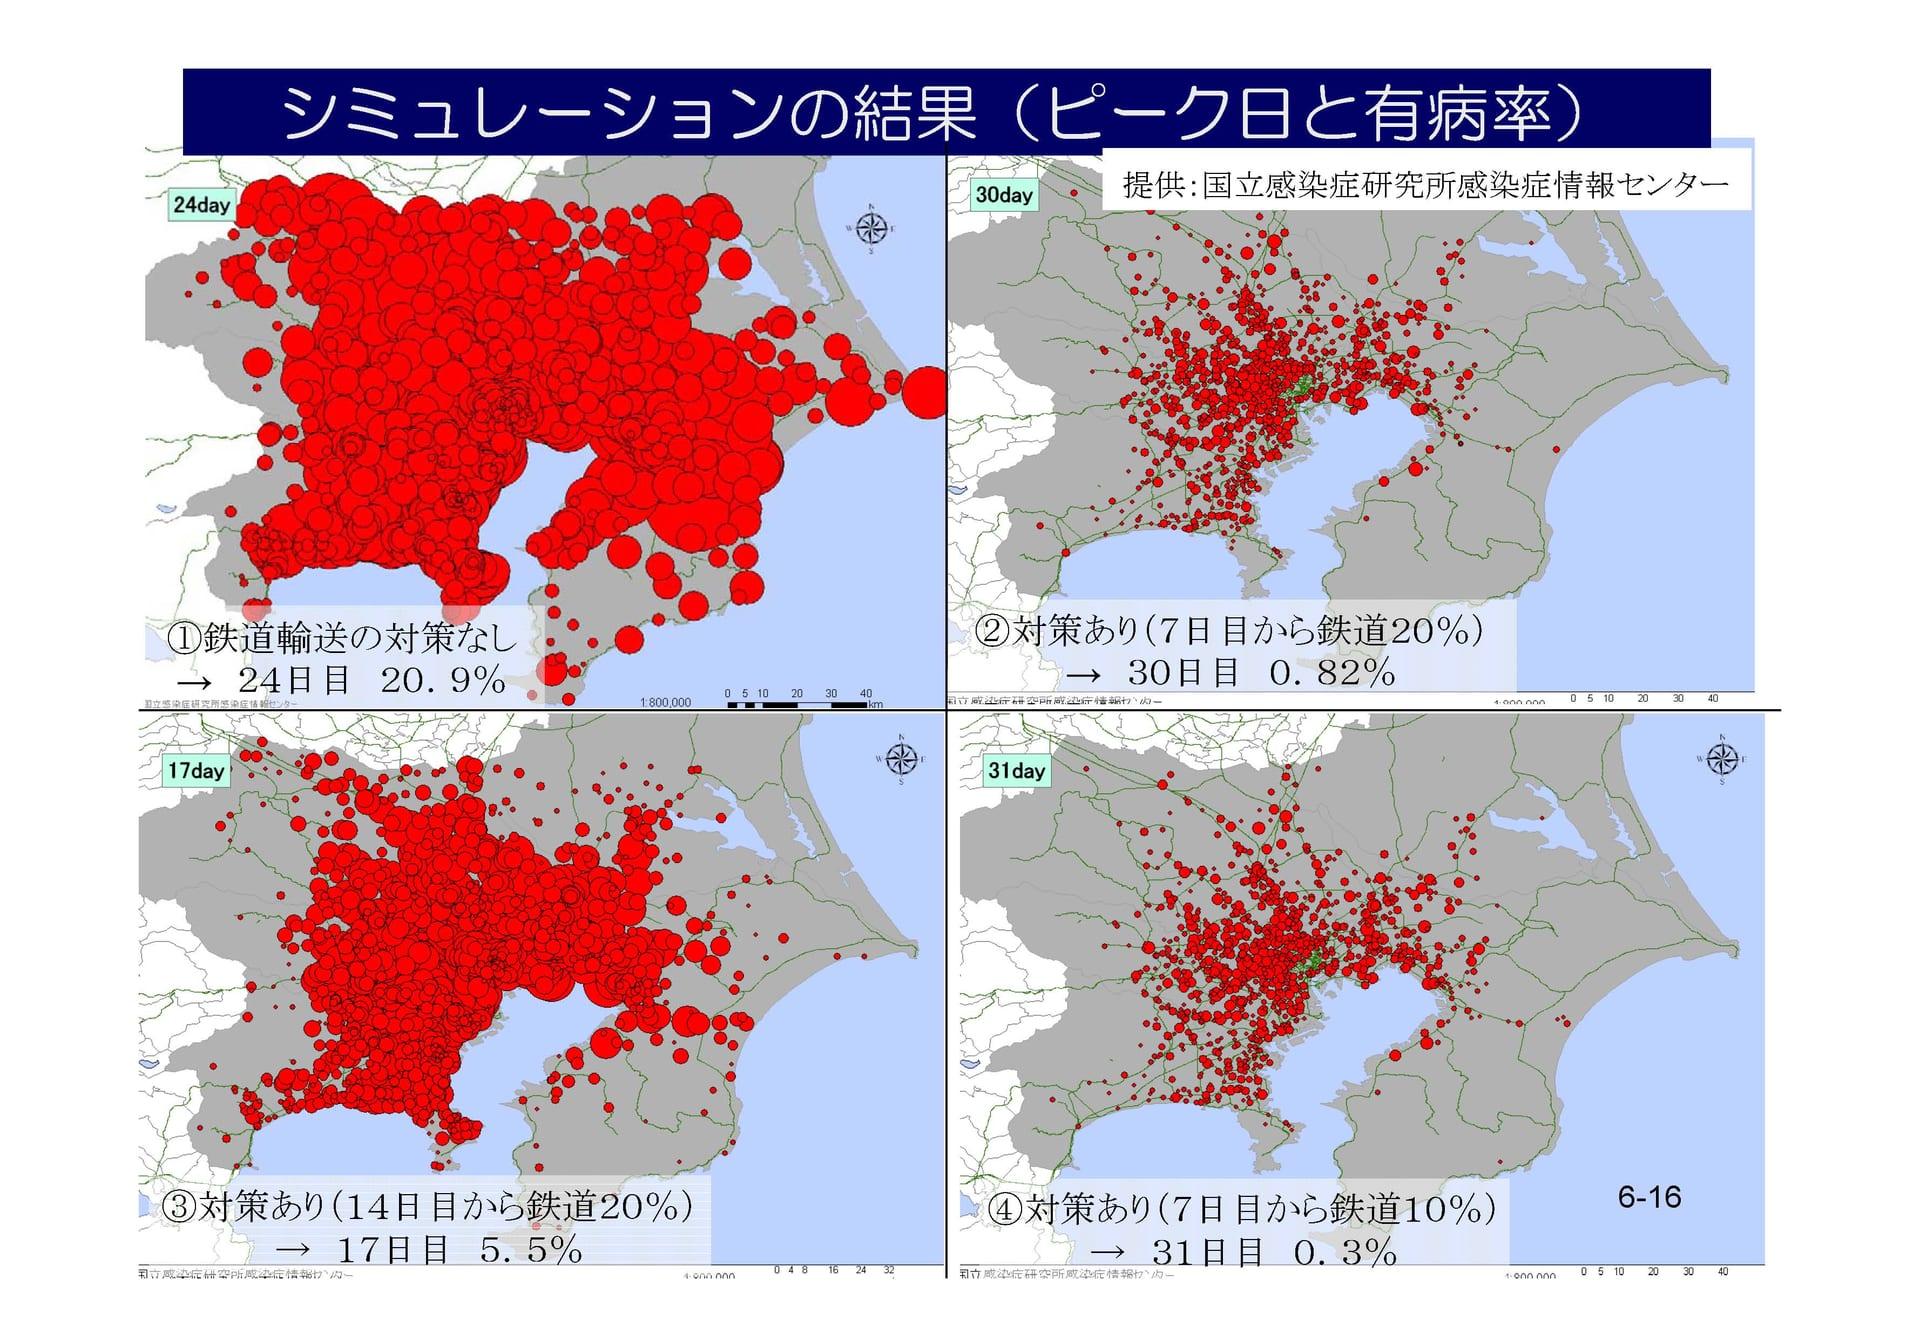 【新型肺炎・追記】感染者がネット書込み? 勤務する日本生命三田ビル等を消毒 満員電車から大規模流行するシミュレーションも